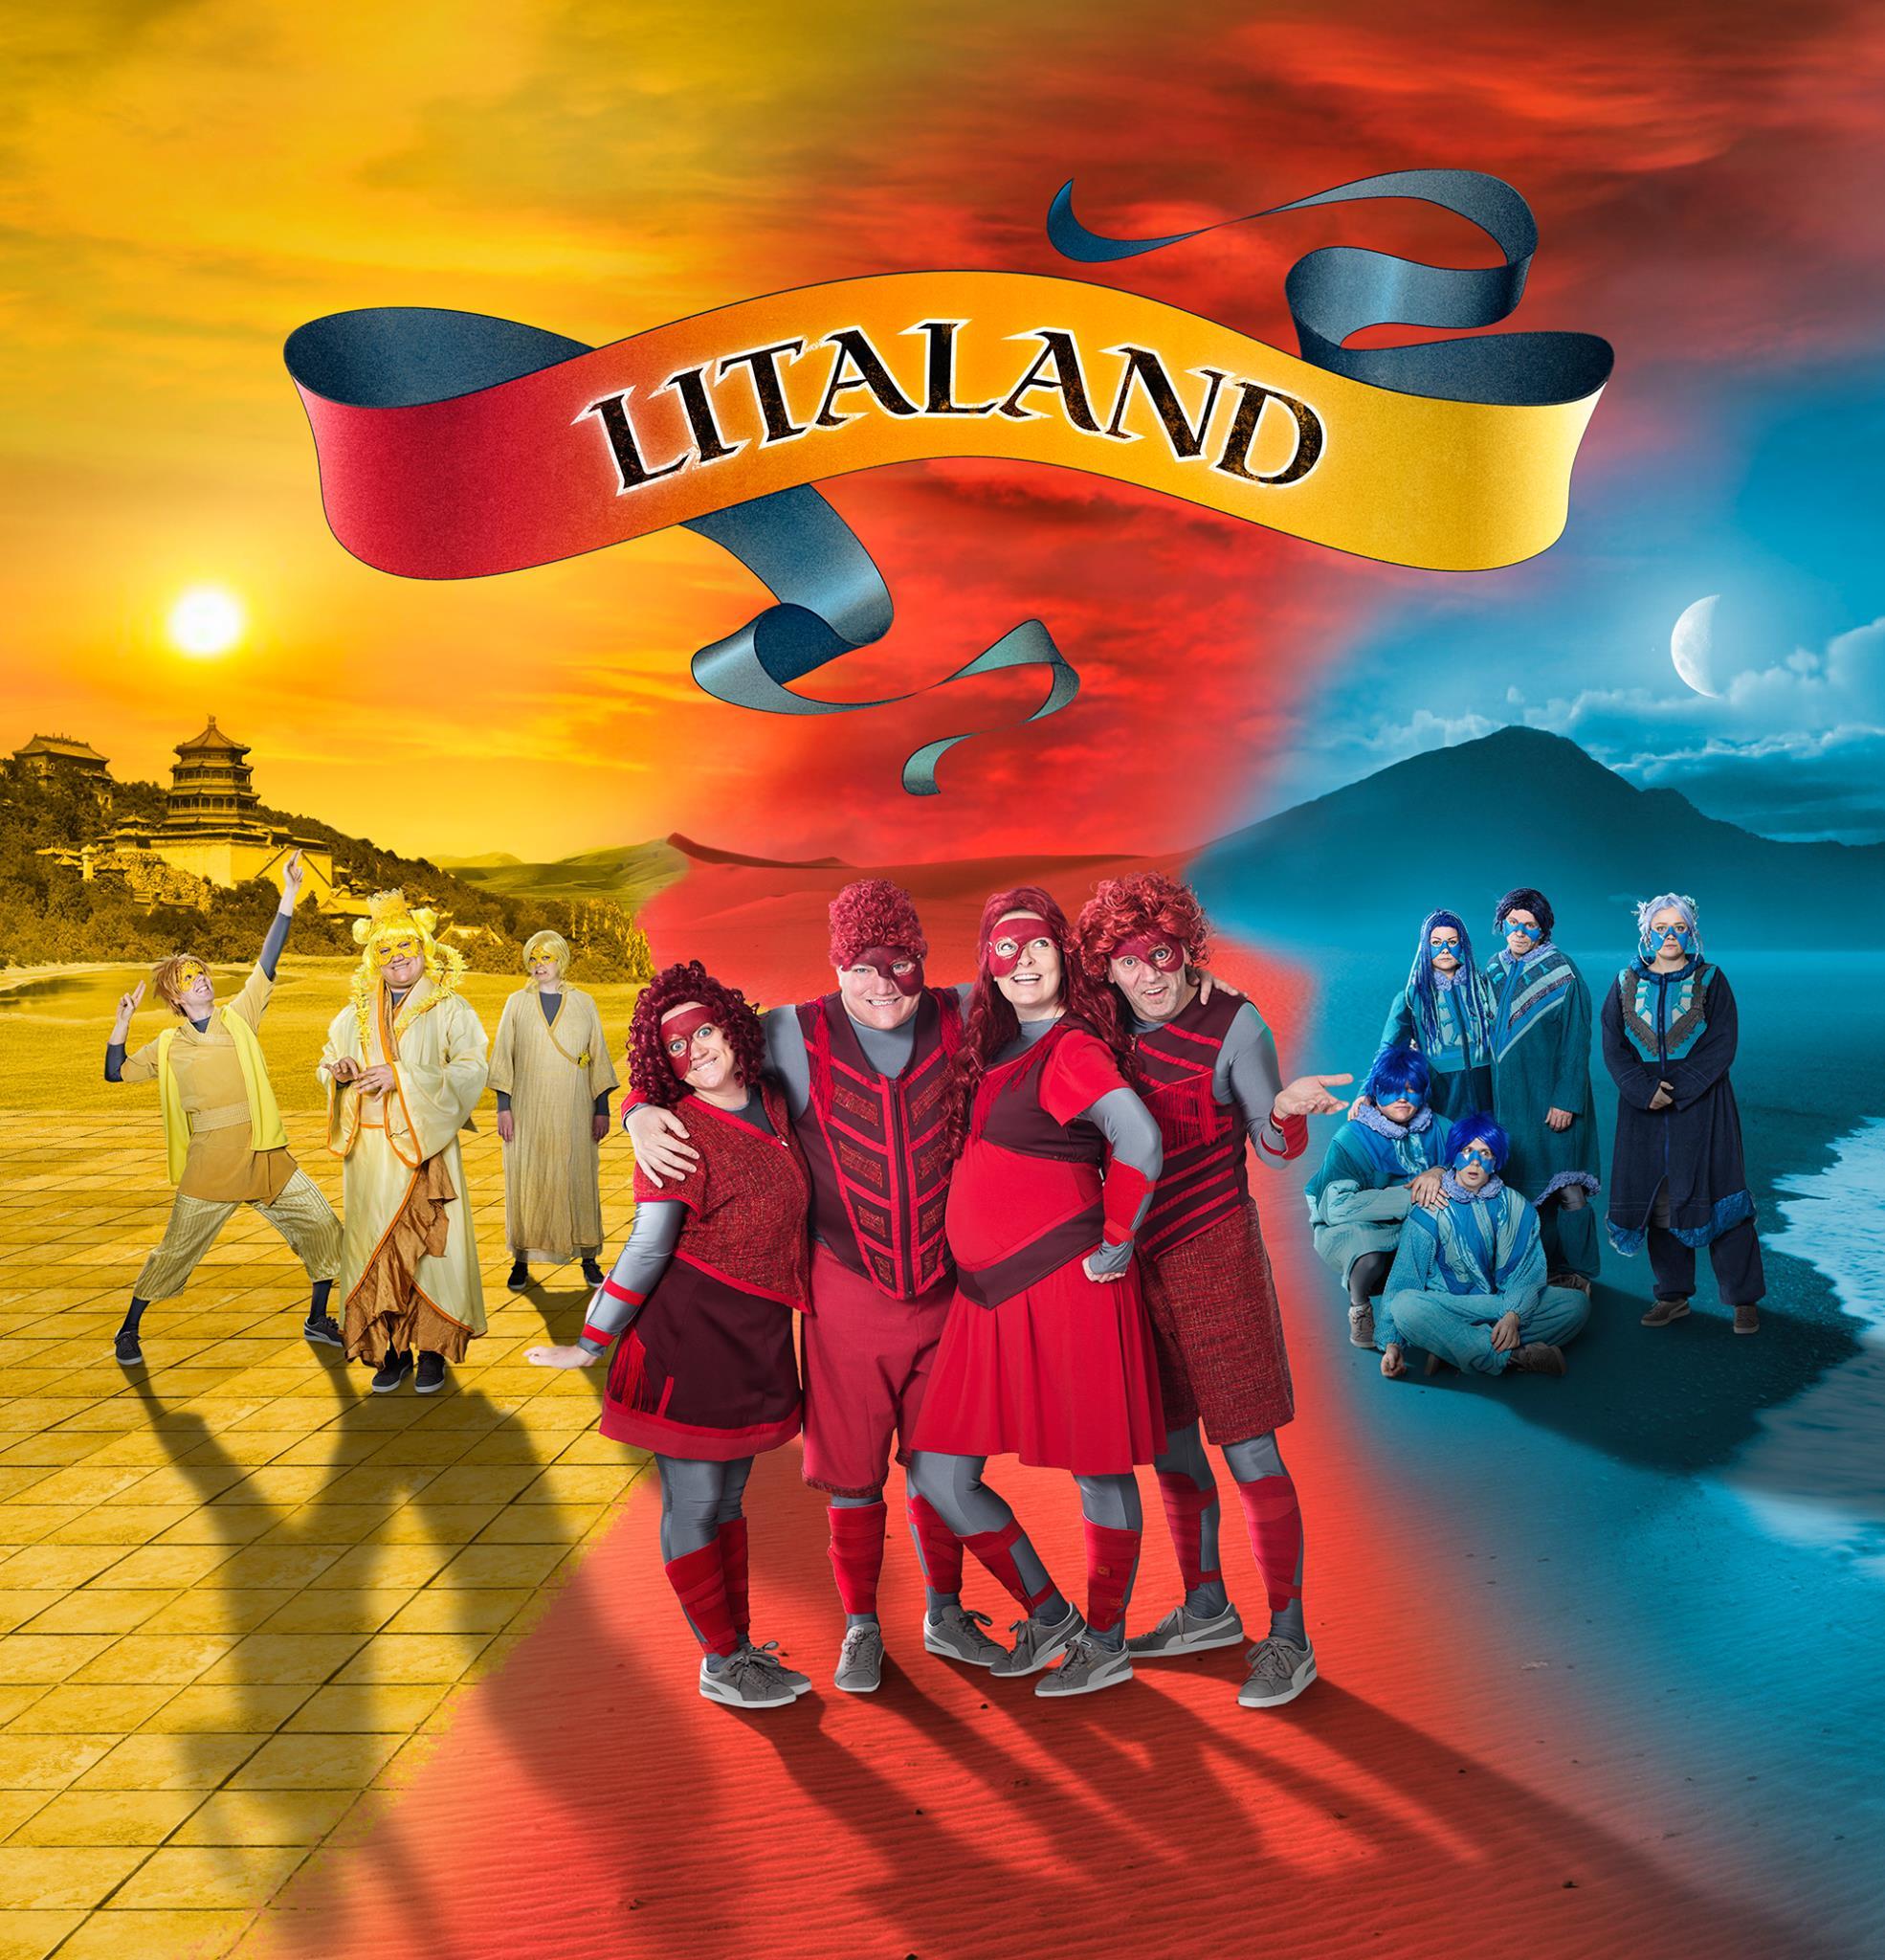 LITALAND (2016)